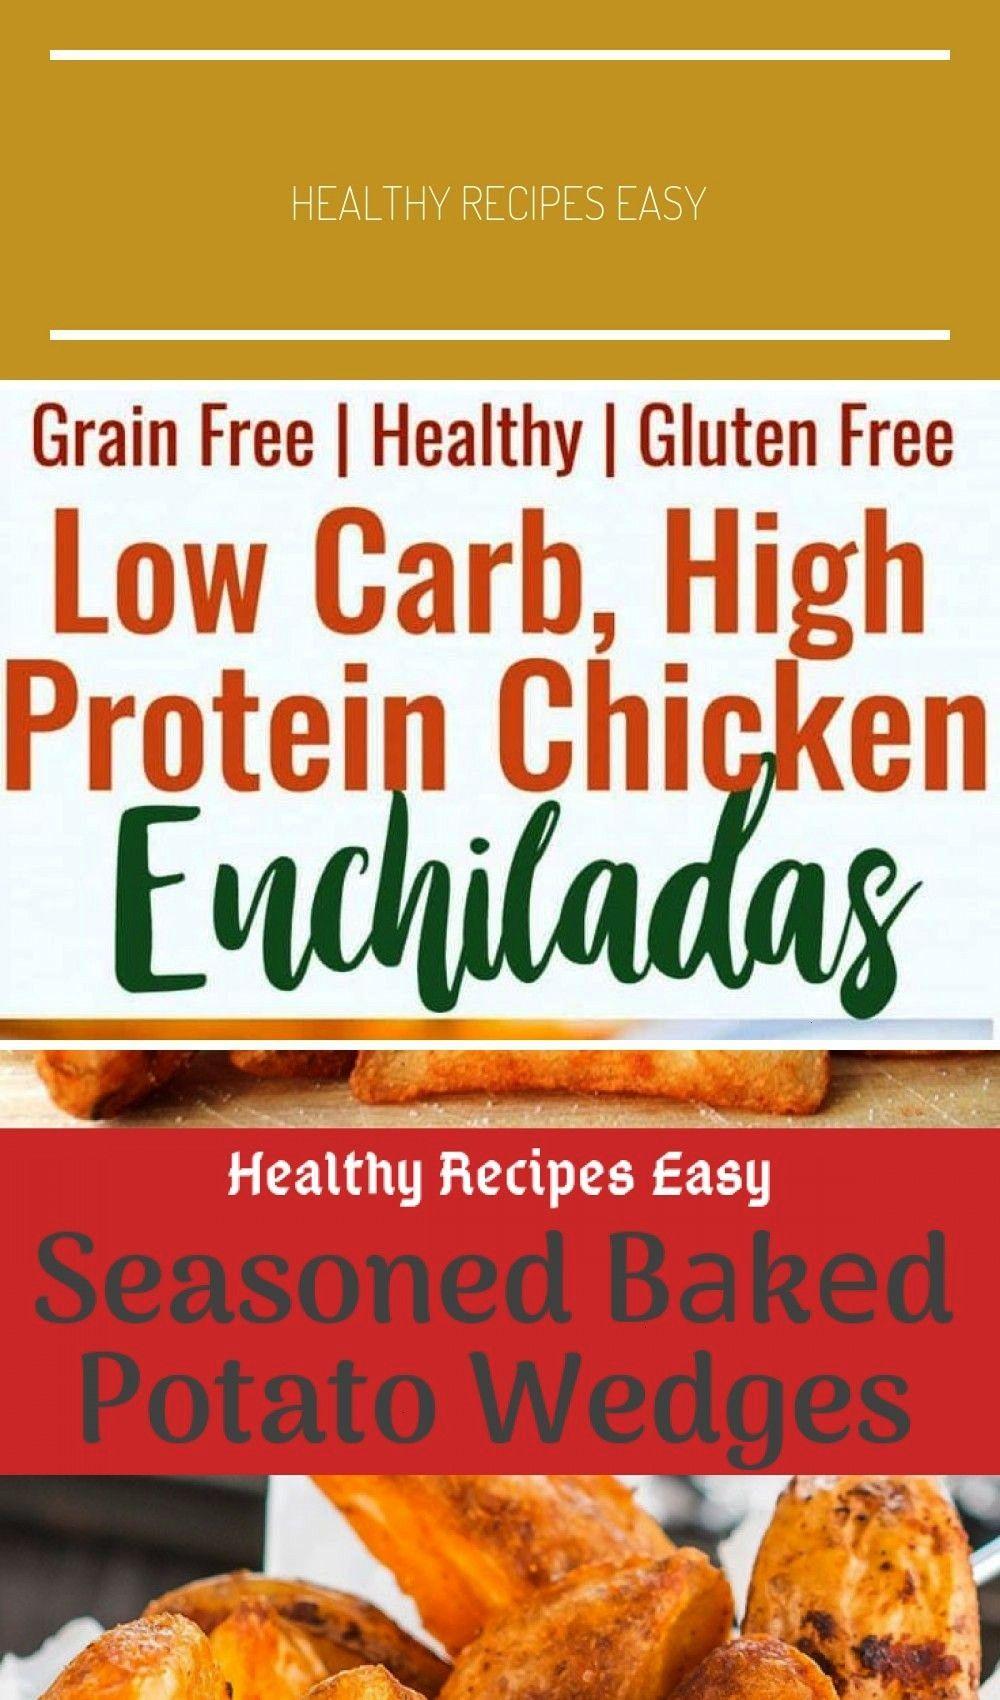 #foodfaithfitness #proteinpacked #ingredient #enchiladas #glutenfree #grainfree #enchilada #calorie...